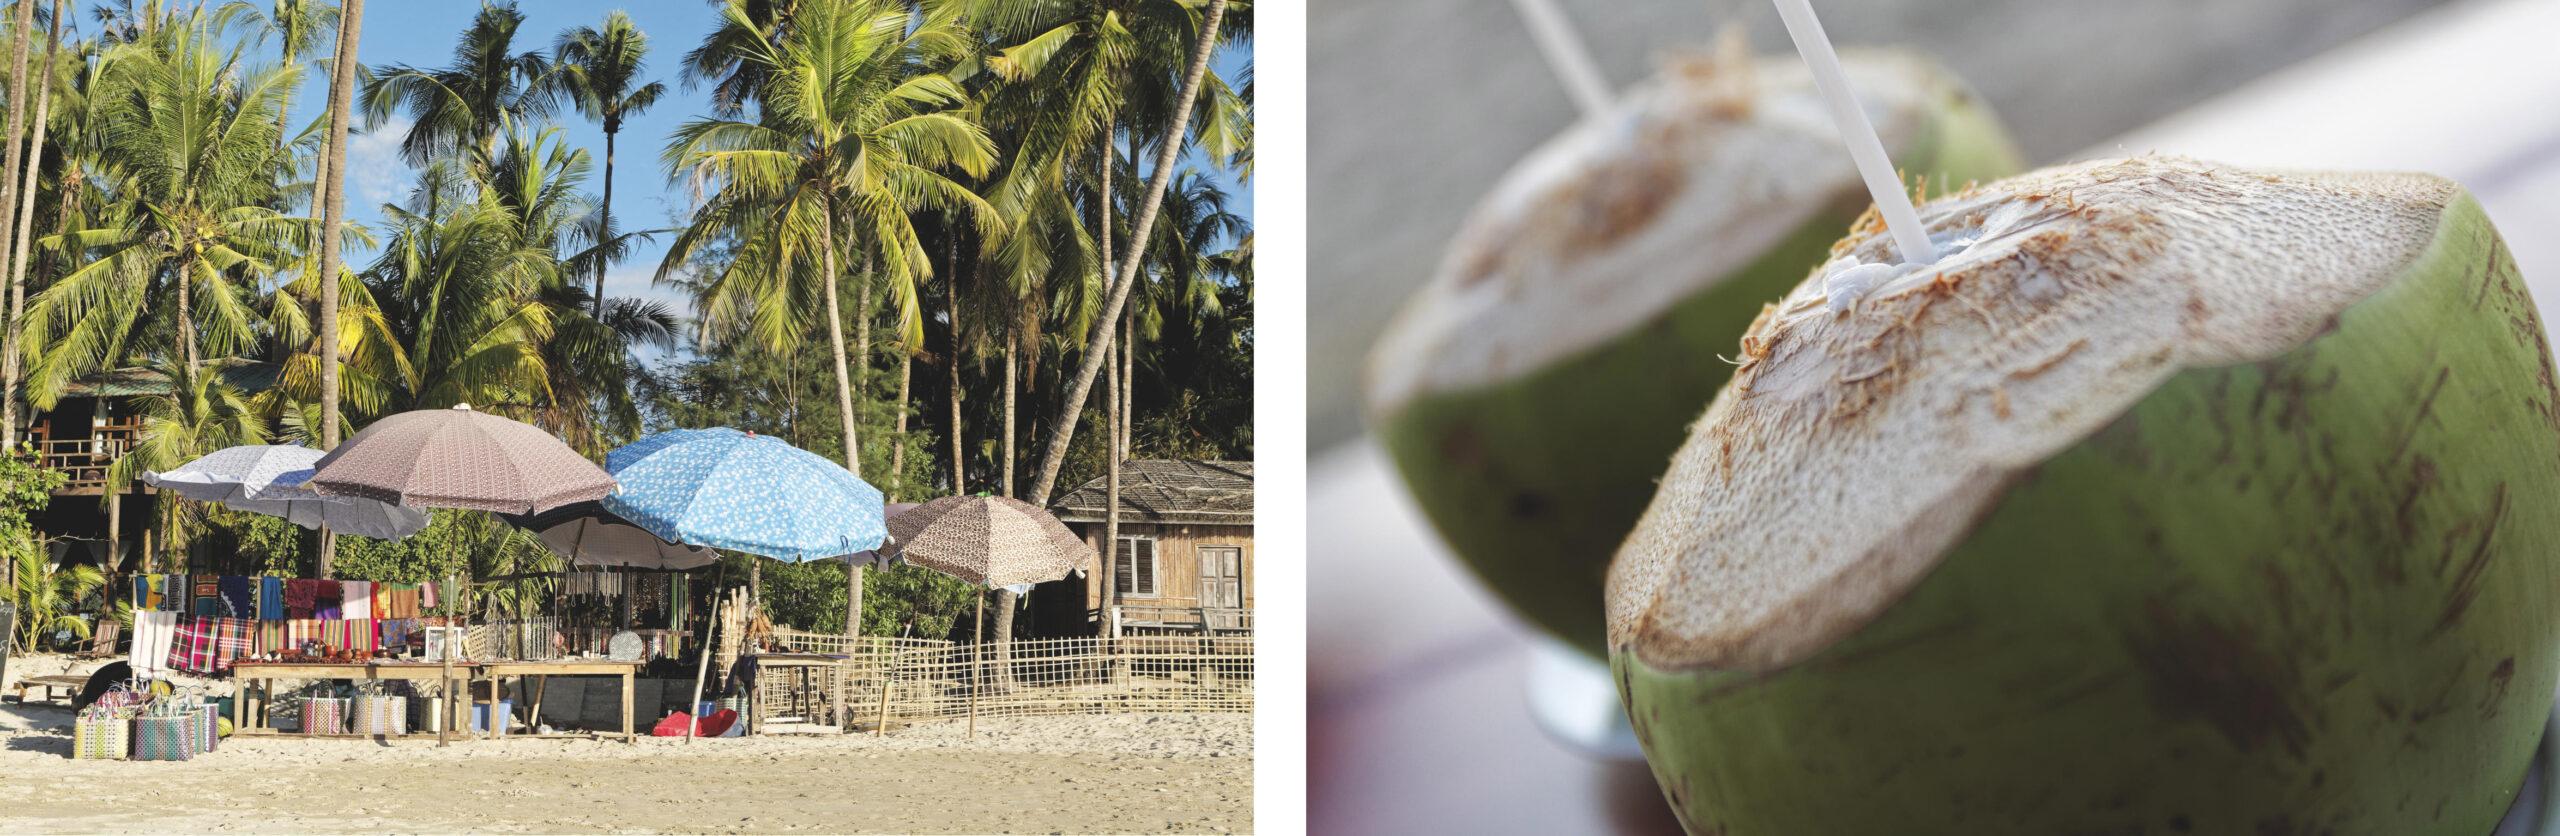 Parasols et noix de coco